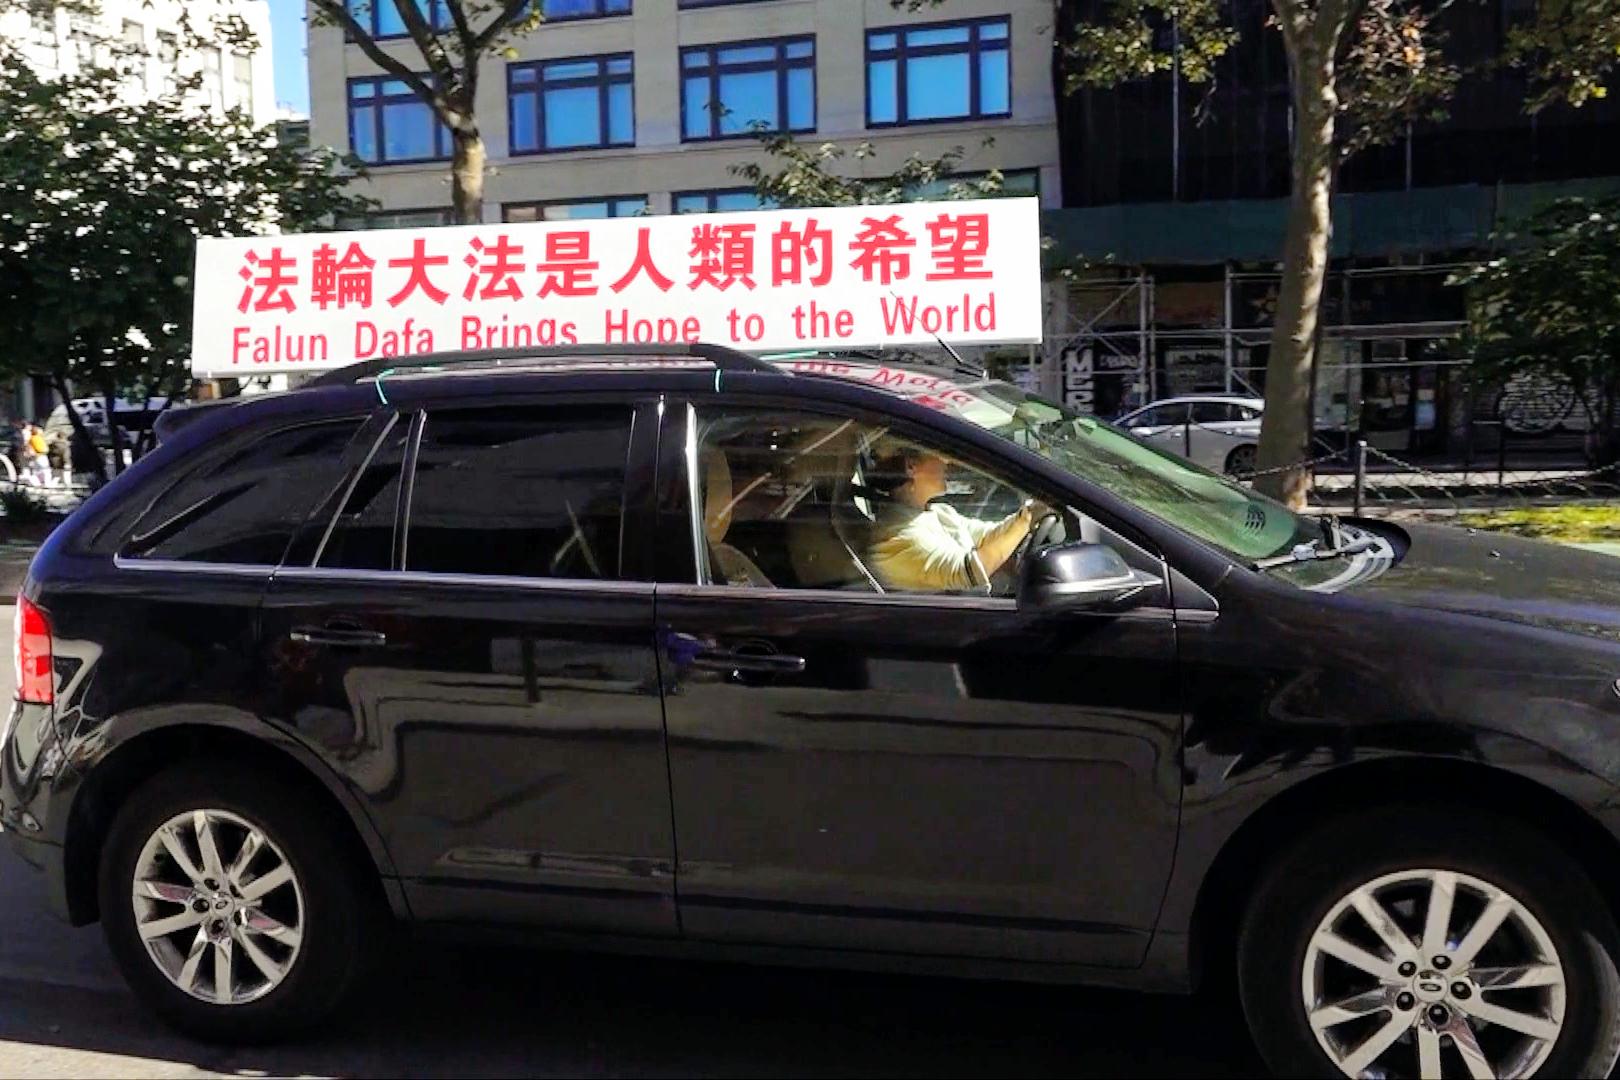 圖為2020年10月17日,全球退黨服務中心組織真相車隊到曼哈頓華埠巡遊,車身上醒目的標幟向民眾傳遞真相,提醒華人趕緊退出中共所有組織,保障未來安全。(韓瑞/大紀元)